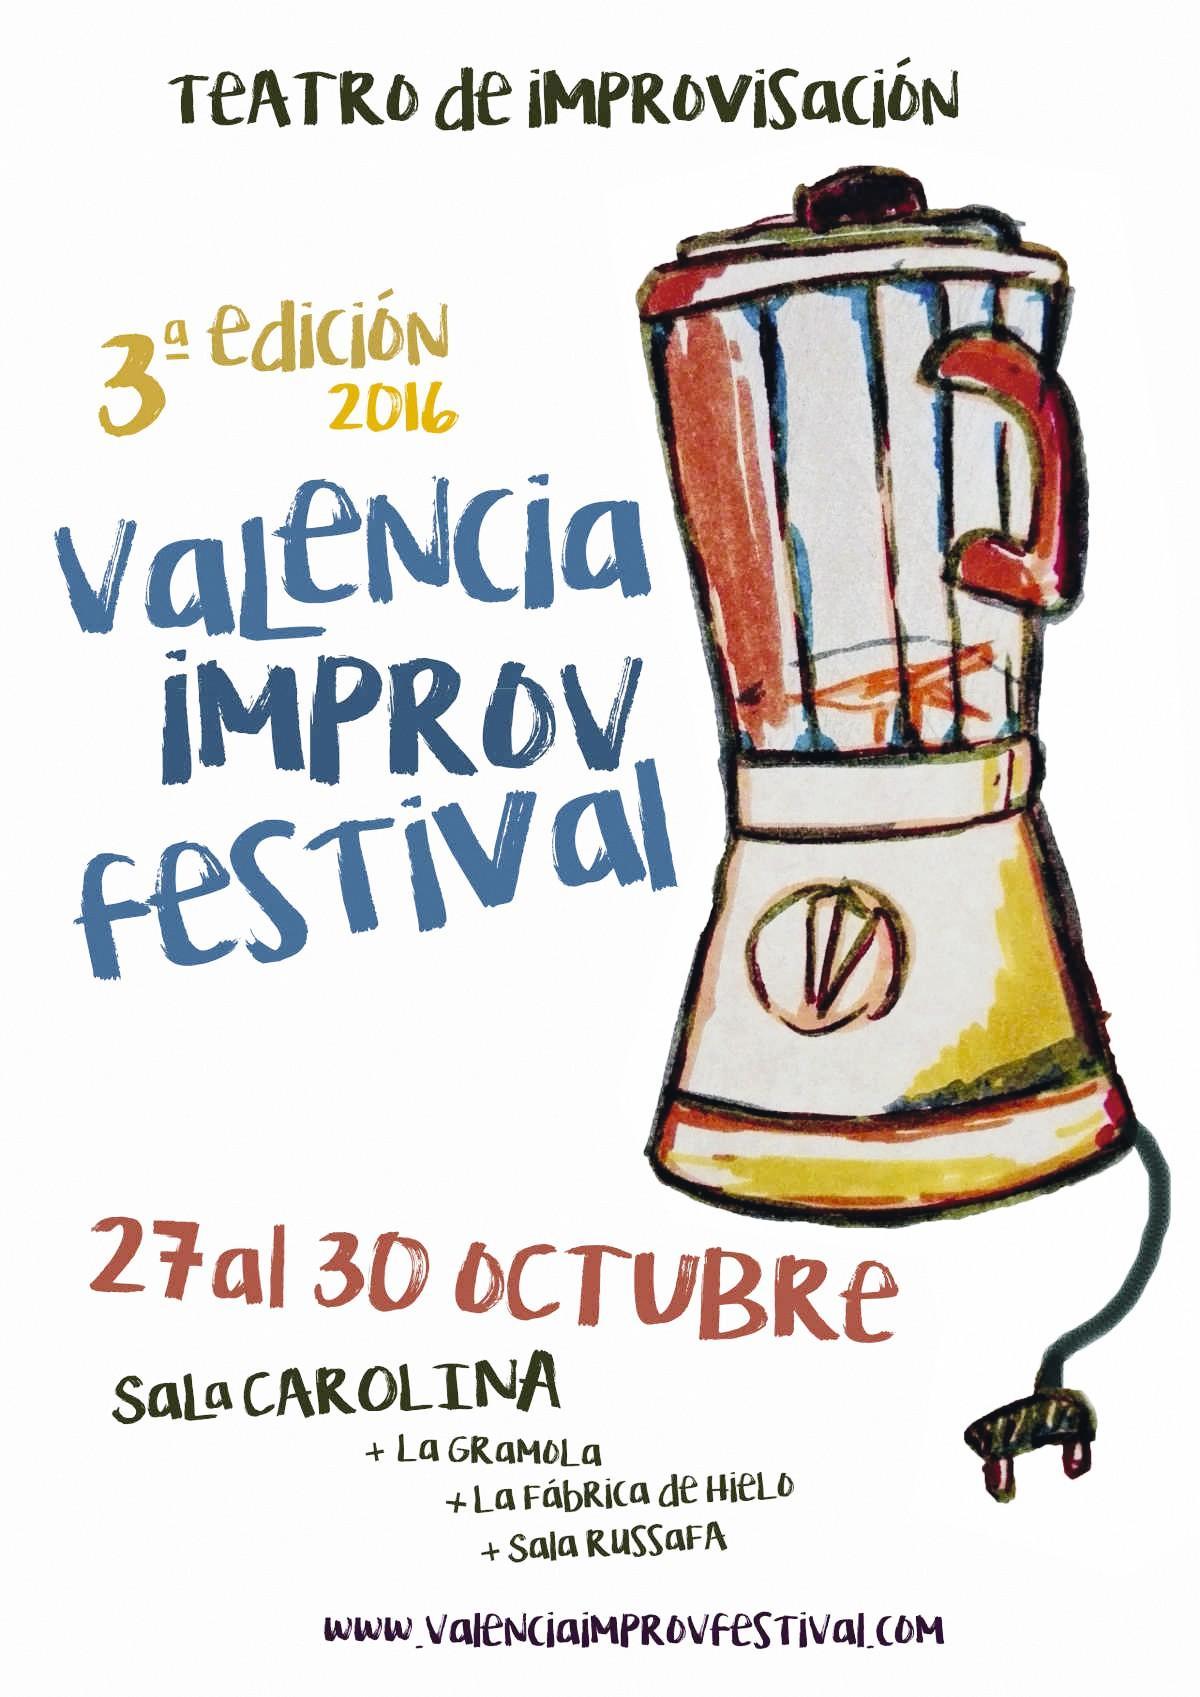 Cartel de promoción para el concurso de  improvisación de Valencia, 2017.